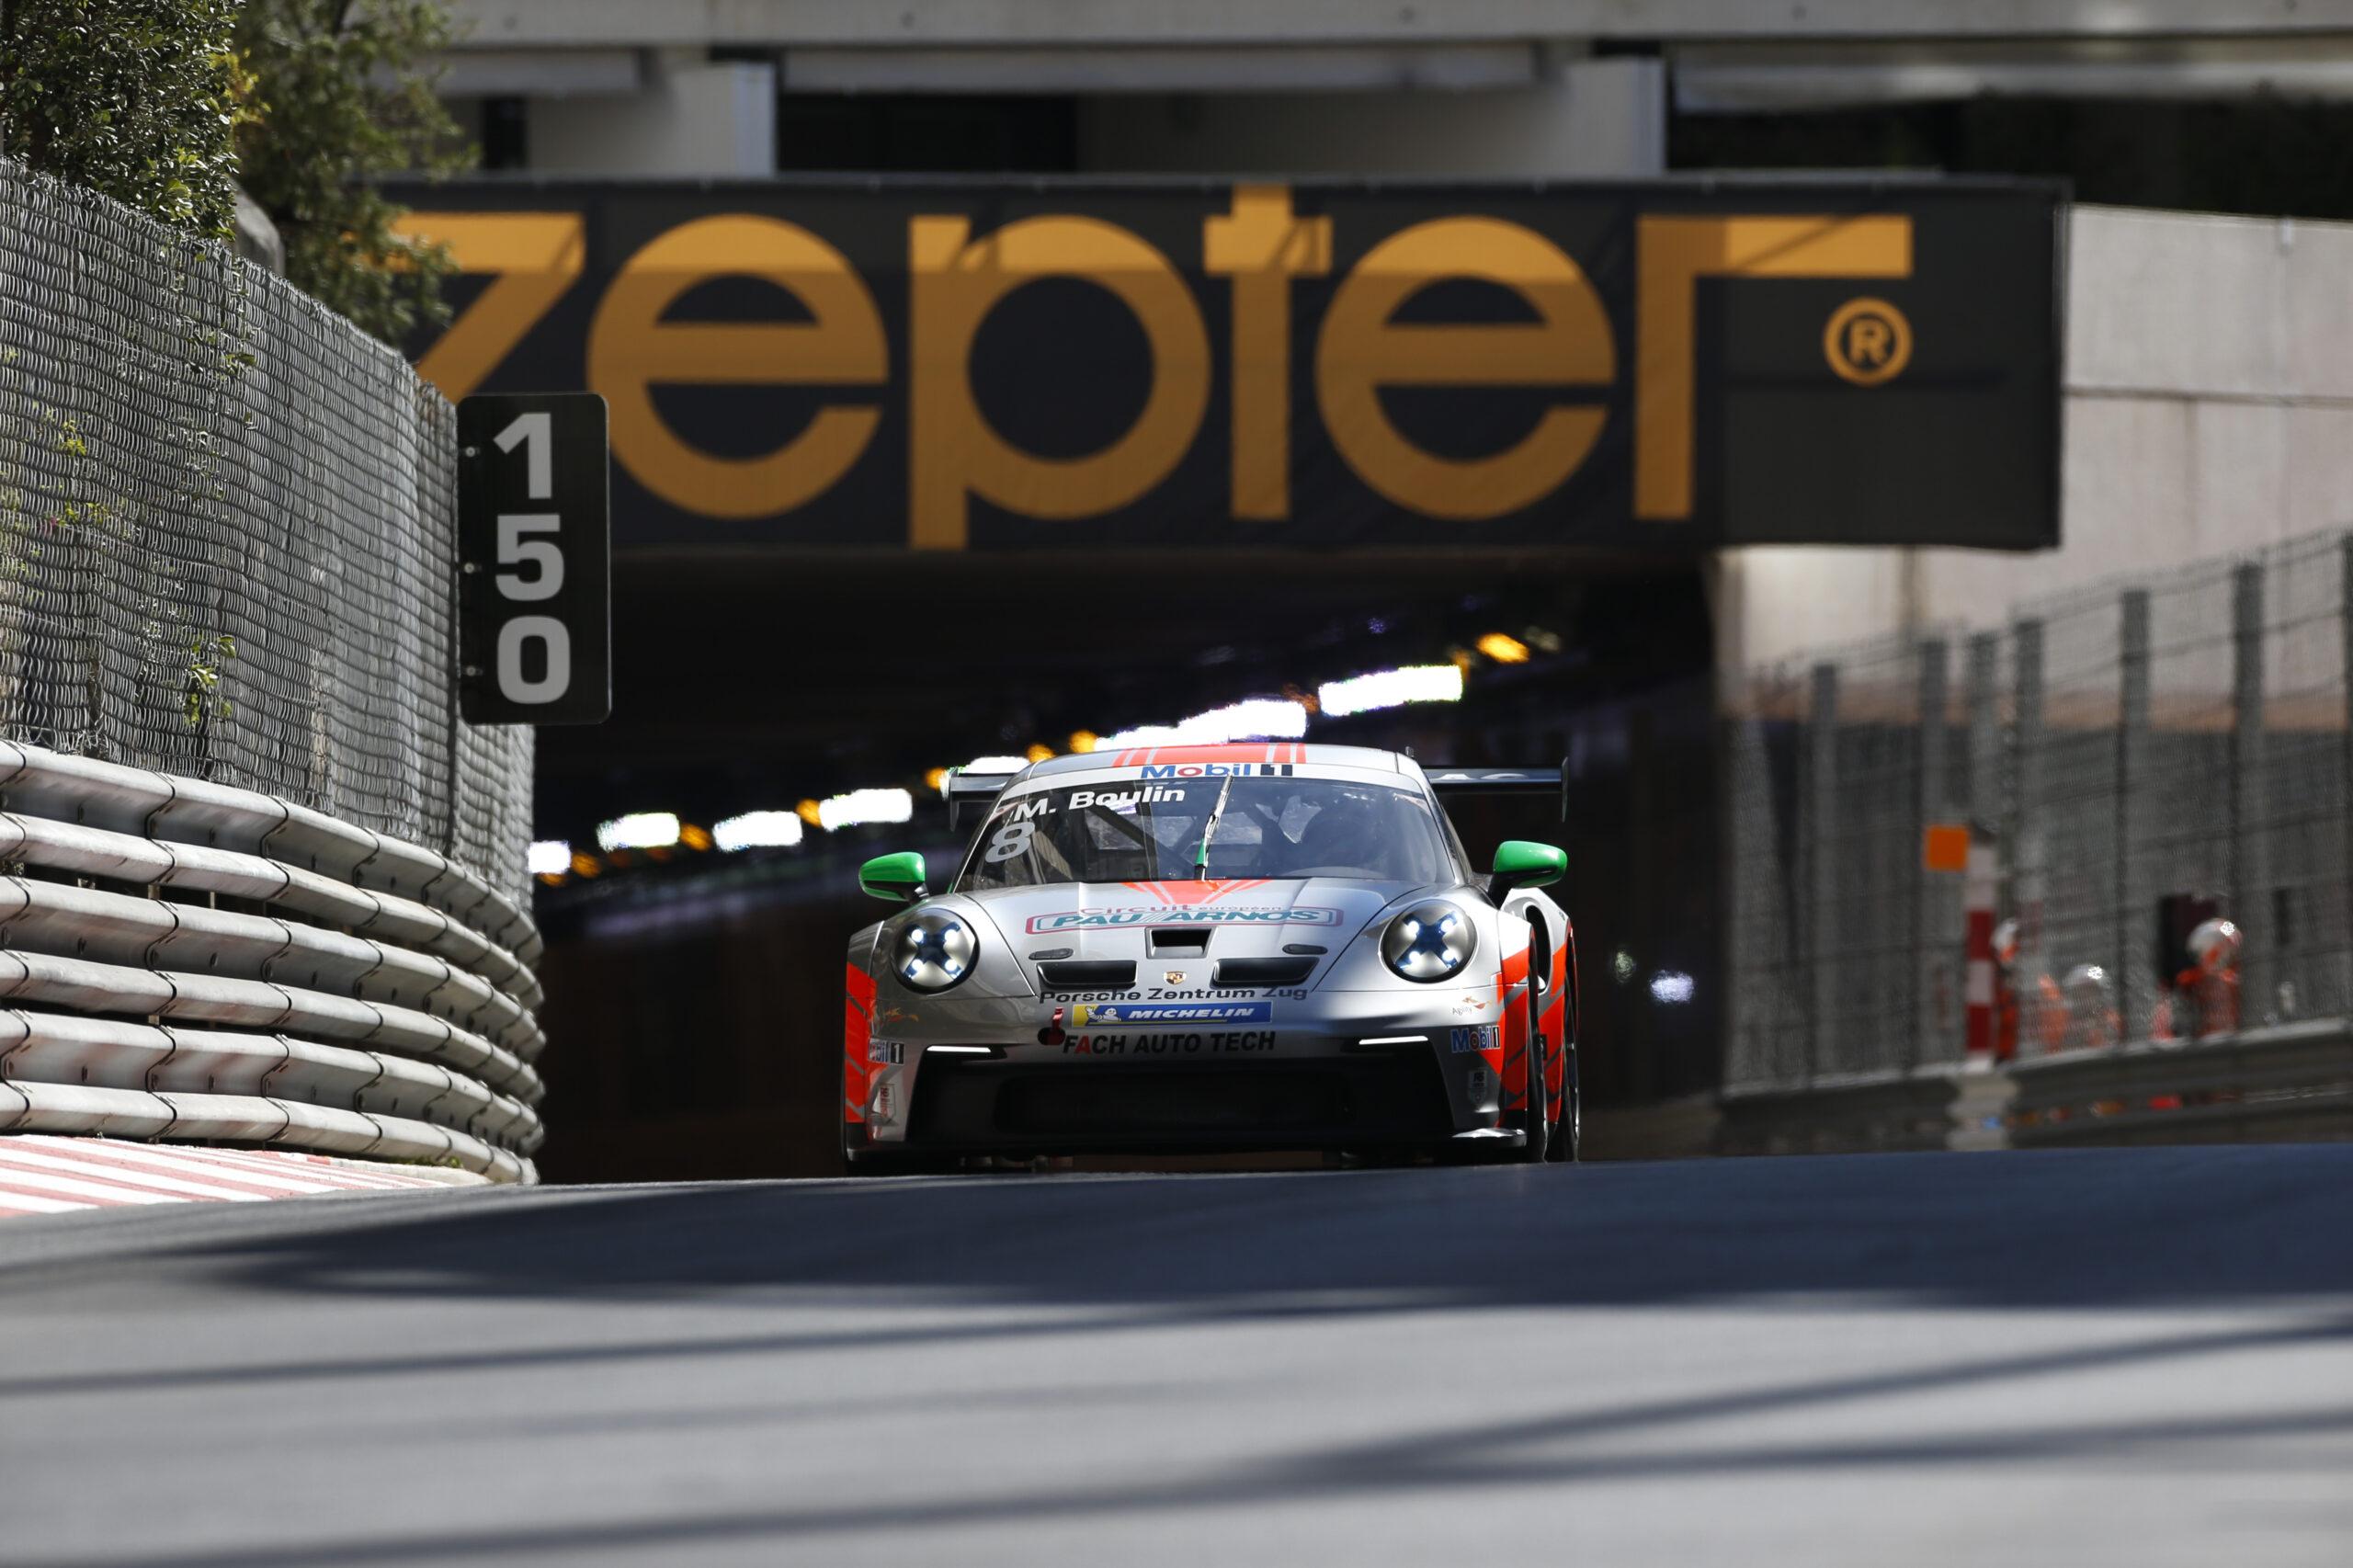 Maxime Boulin Fach Auto Tech Porsche 911 GT3 Cup Porsche Supercup Monaco